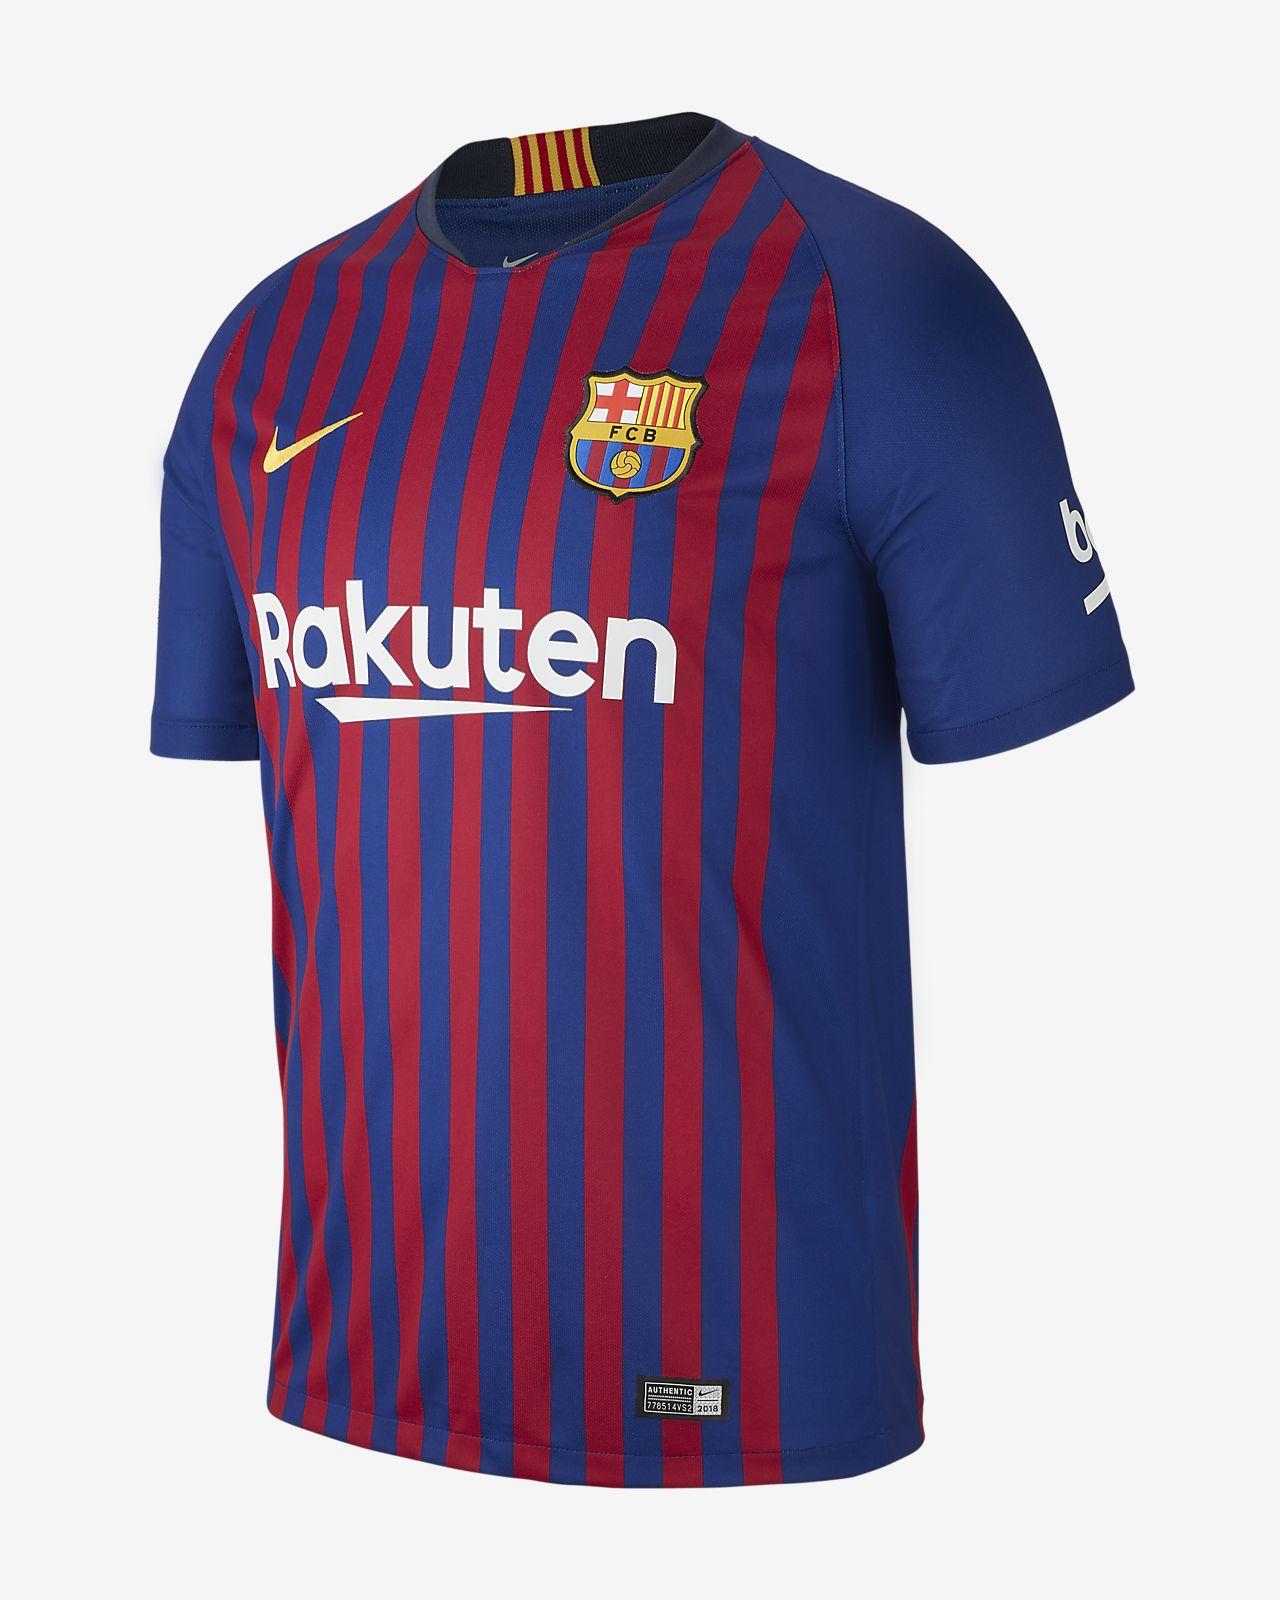 เสื้อแข่งฟุตบอลผู้ชาย FC Barcelona Stadium Home ปี 2018/19